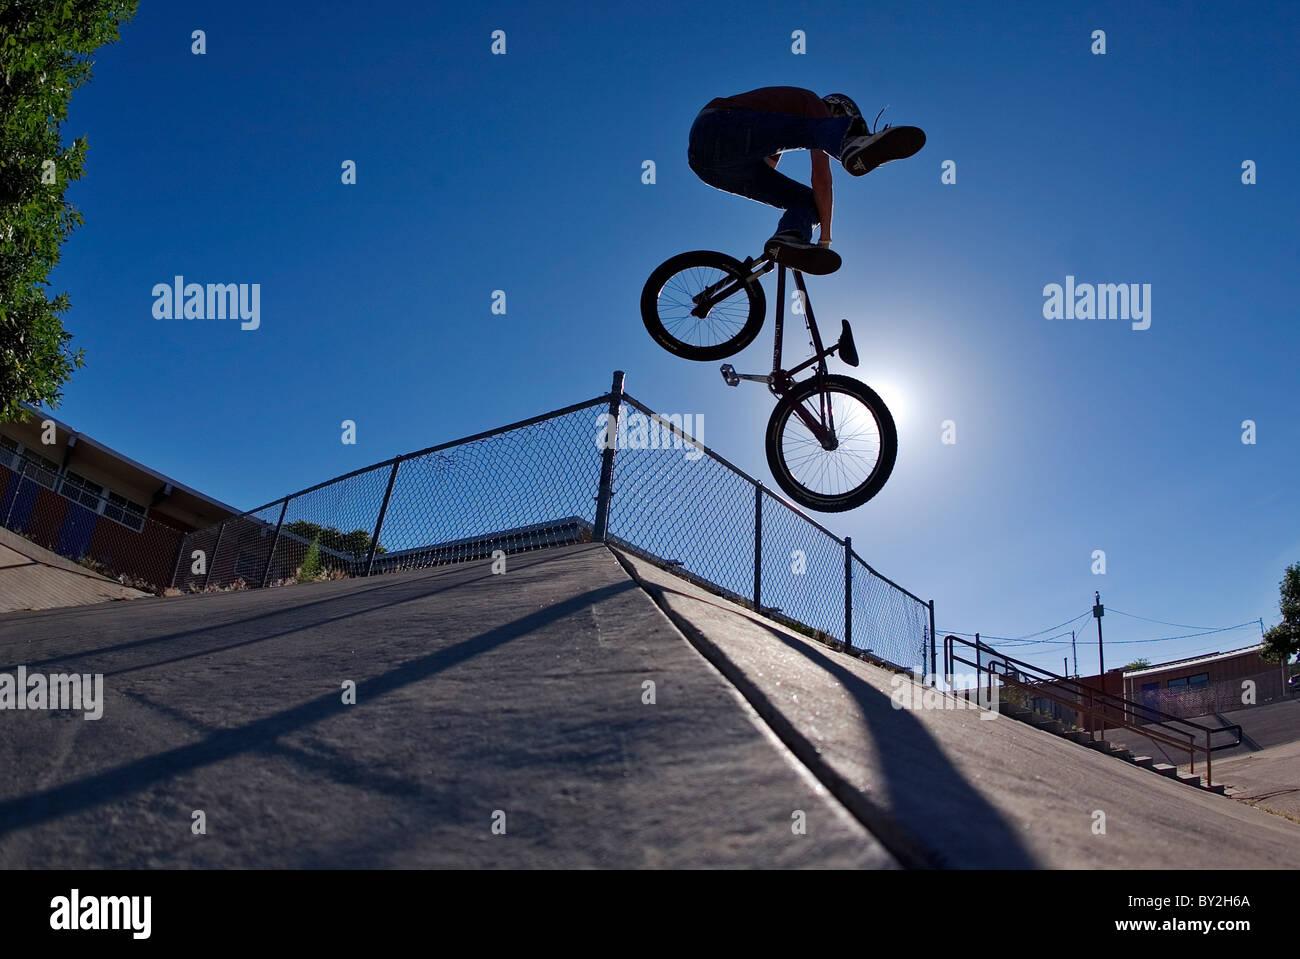 Una mountain bike rider fa un tailwhip su una banca di calcestruzzo in Albuquerque, NM. Immagini Stock